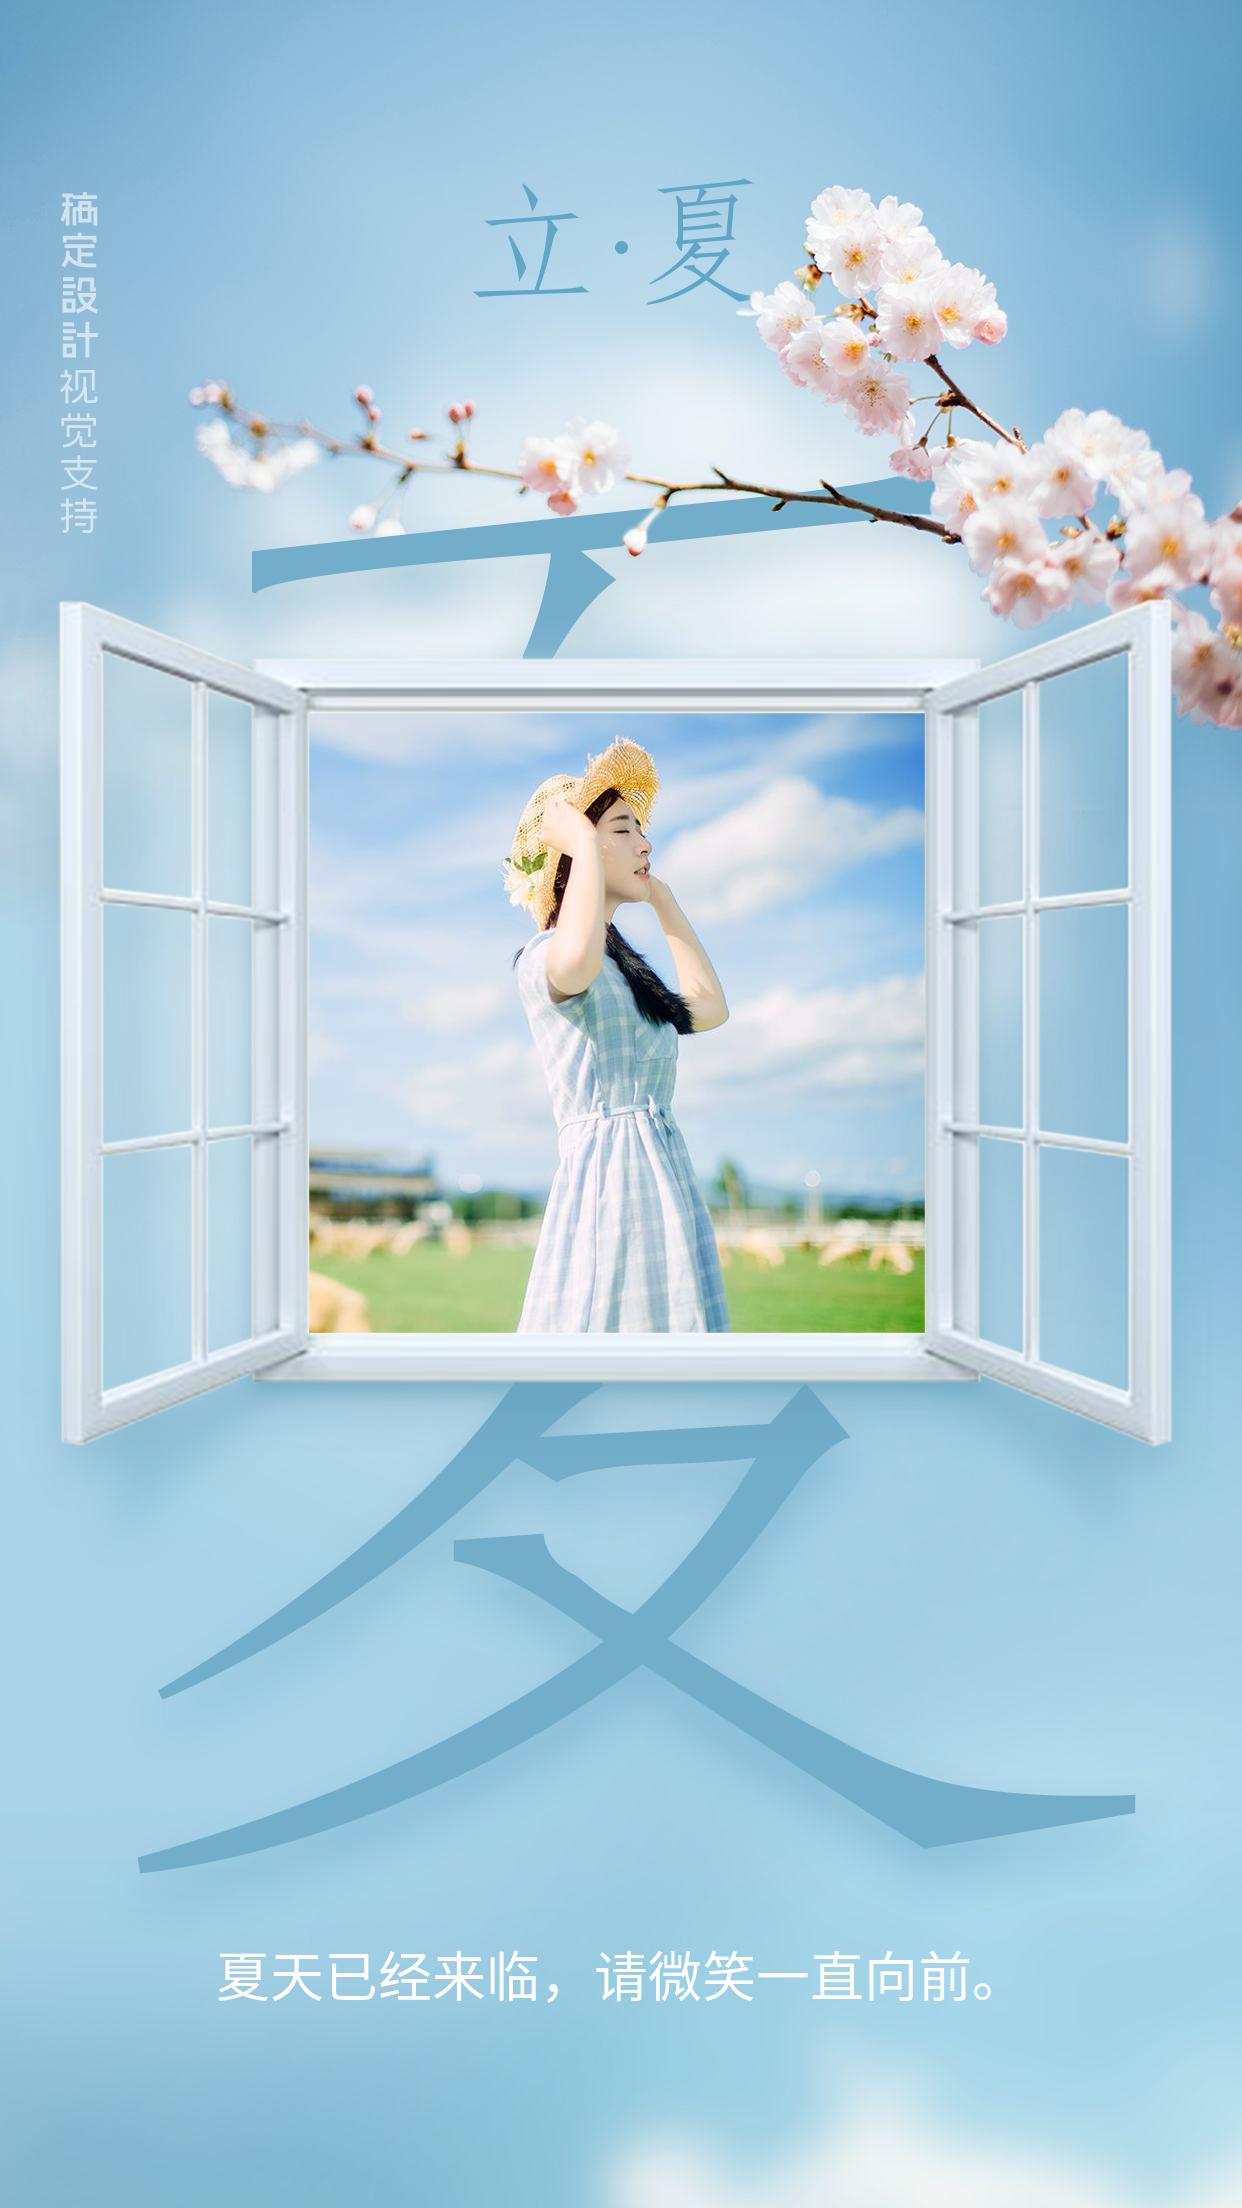 立夏开窗蓝色温馨问候祝福